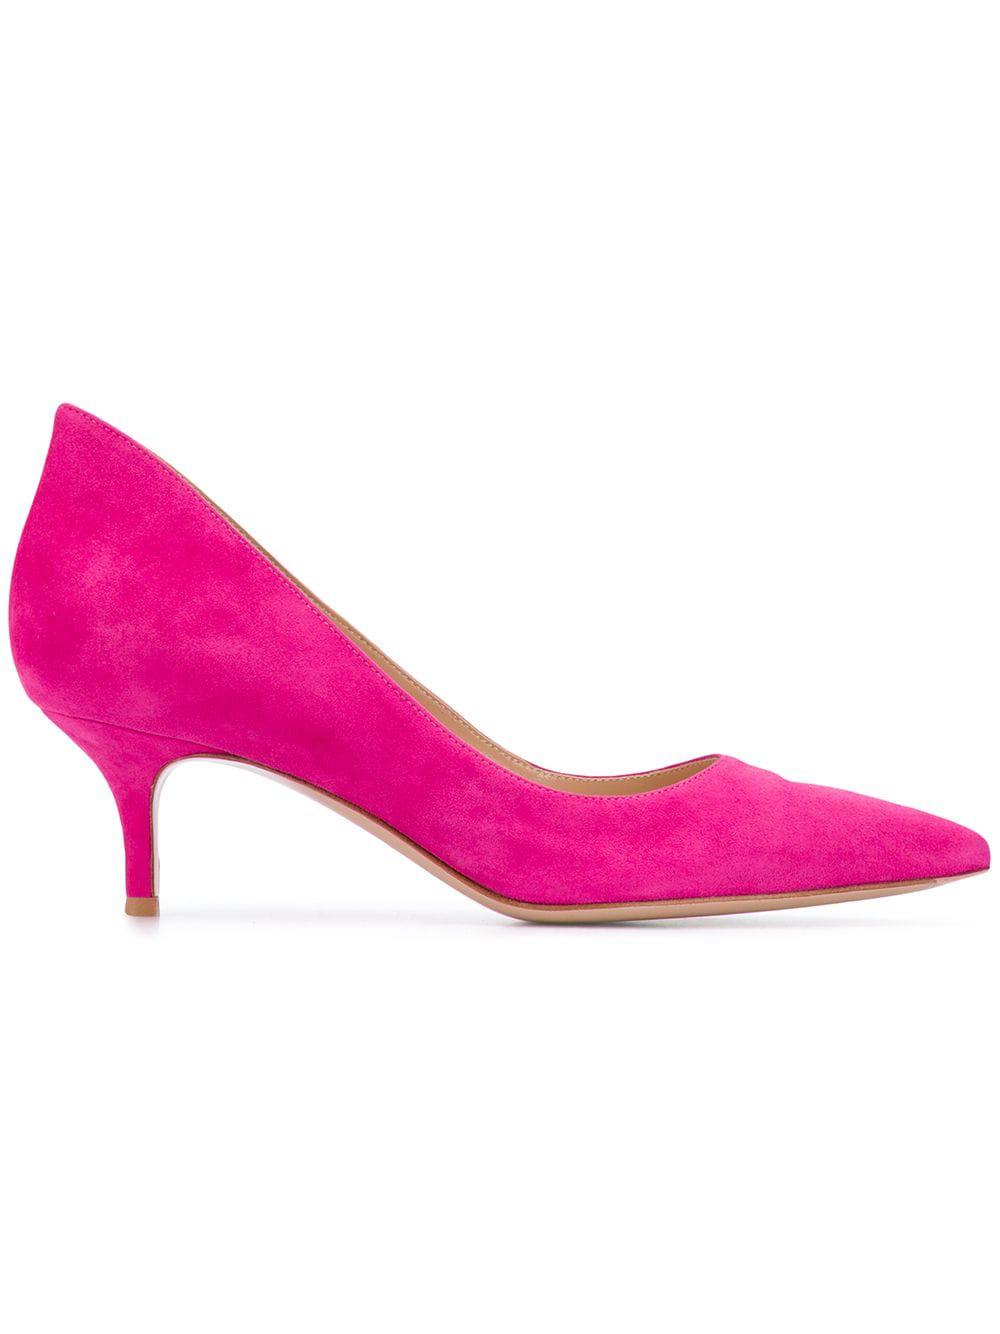 Gianvito Rossi Kitten Heel Pumps - Pink